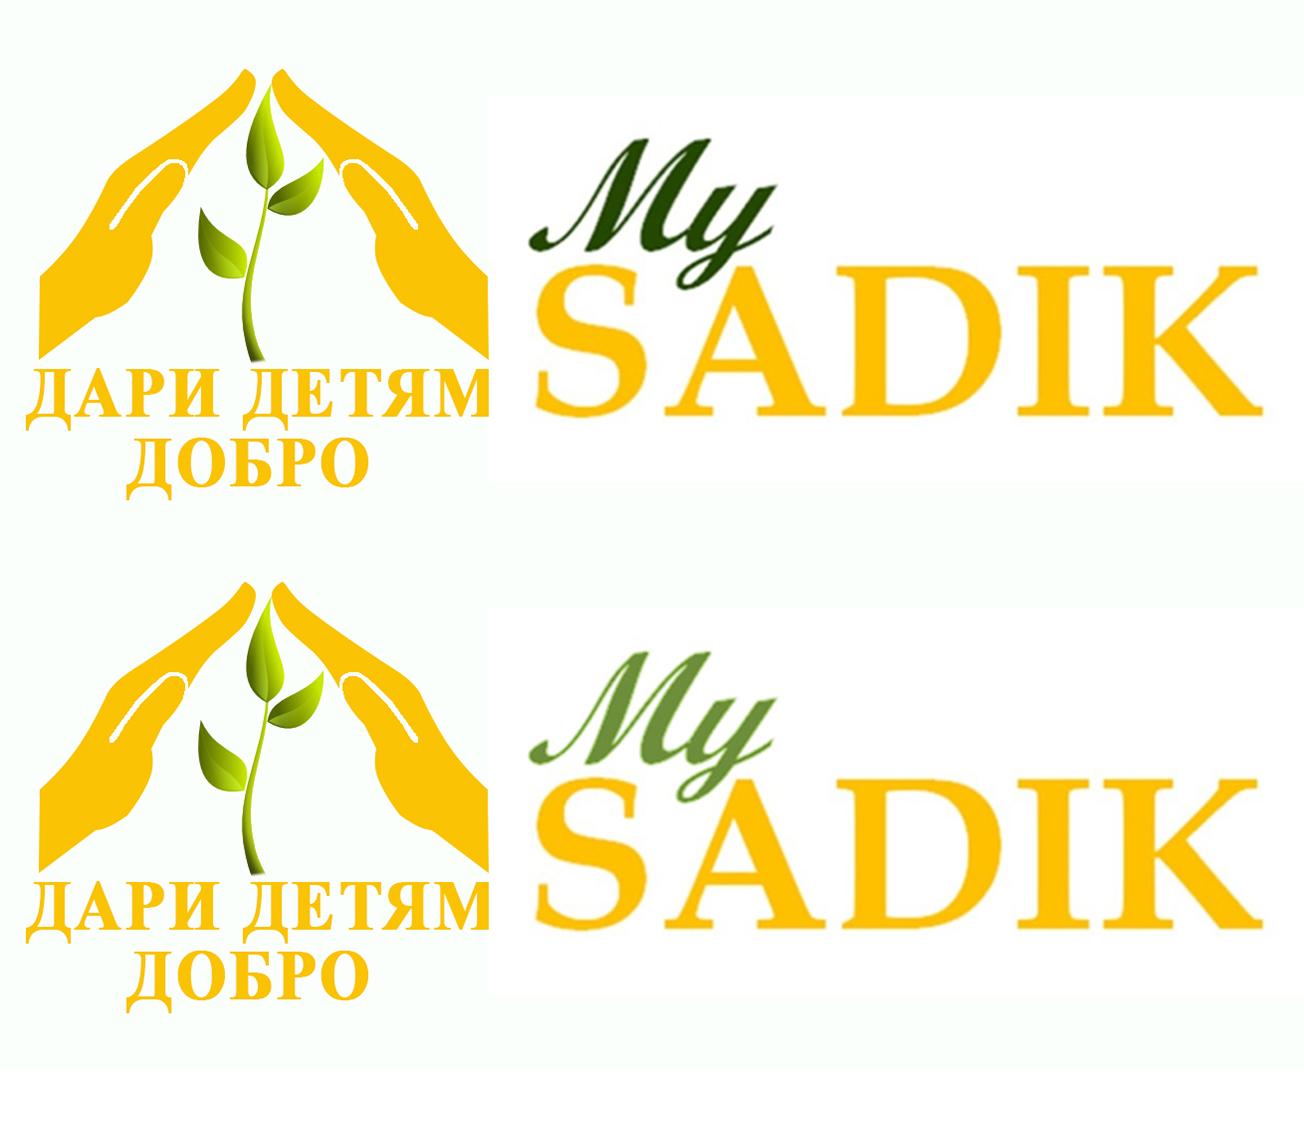 Логотип для образовательного комплекса фото f_9345c90b8d3140c5.jpg